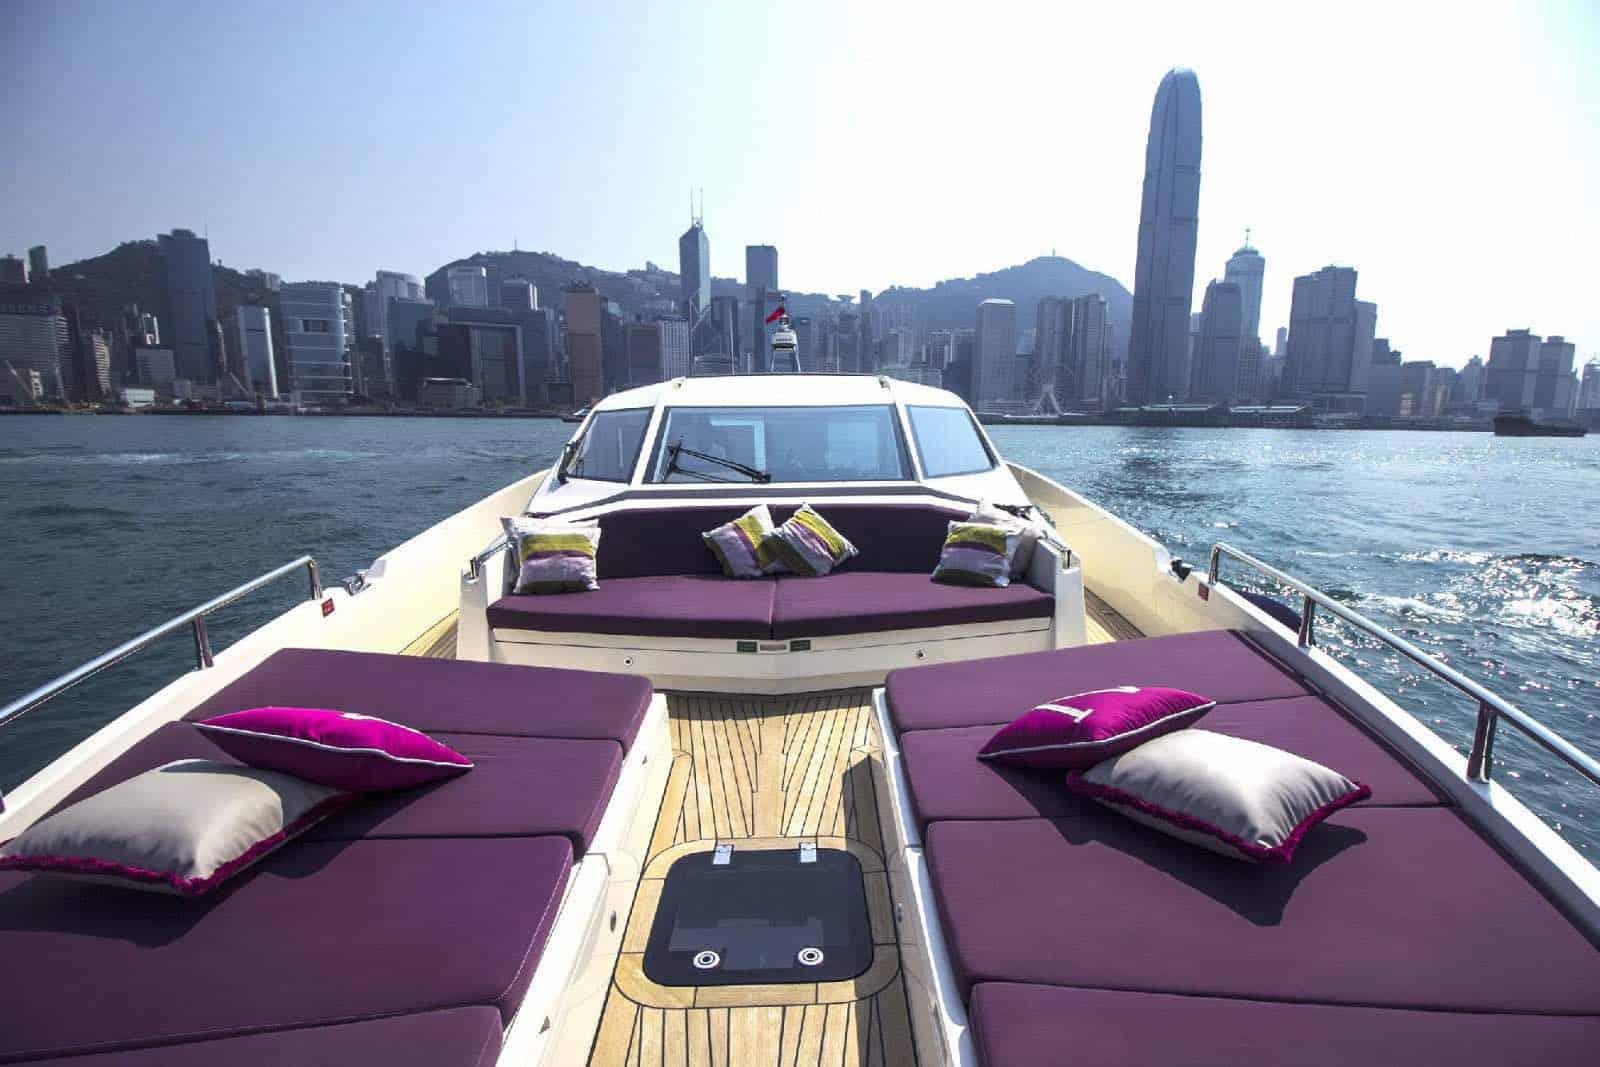 Nowboat hace que alquilar un yate de lujo ahora sea más fácil que nunca